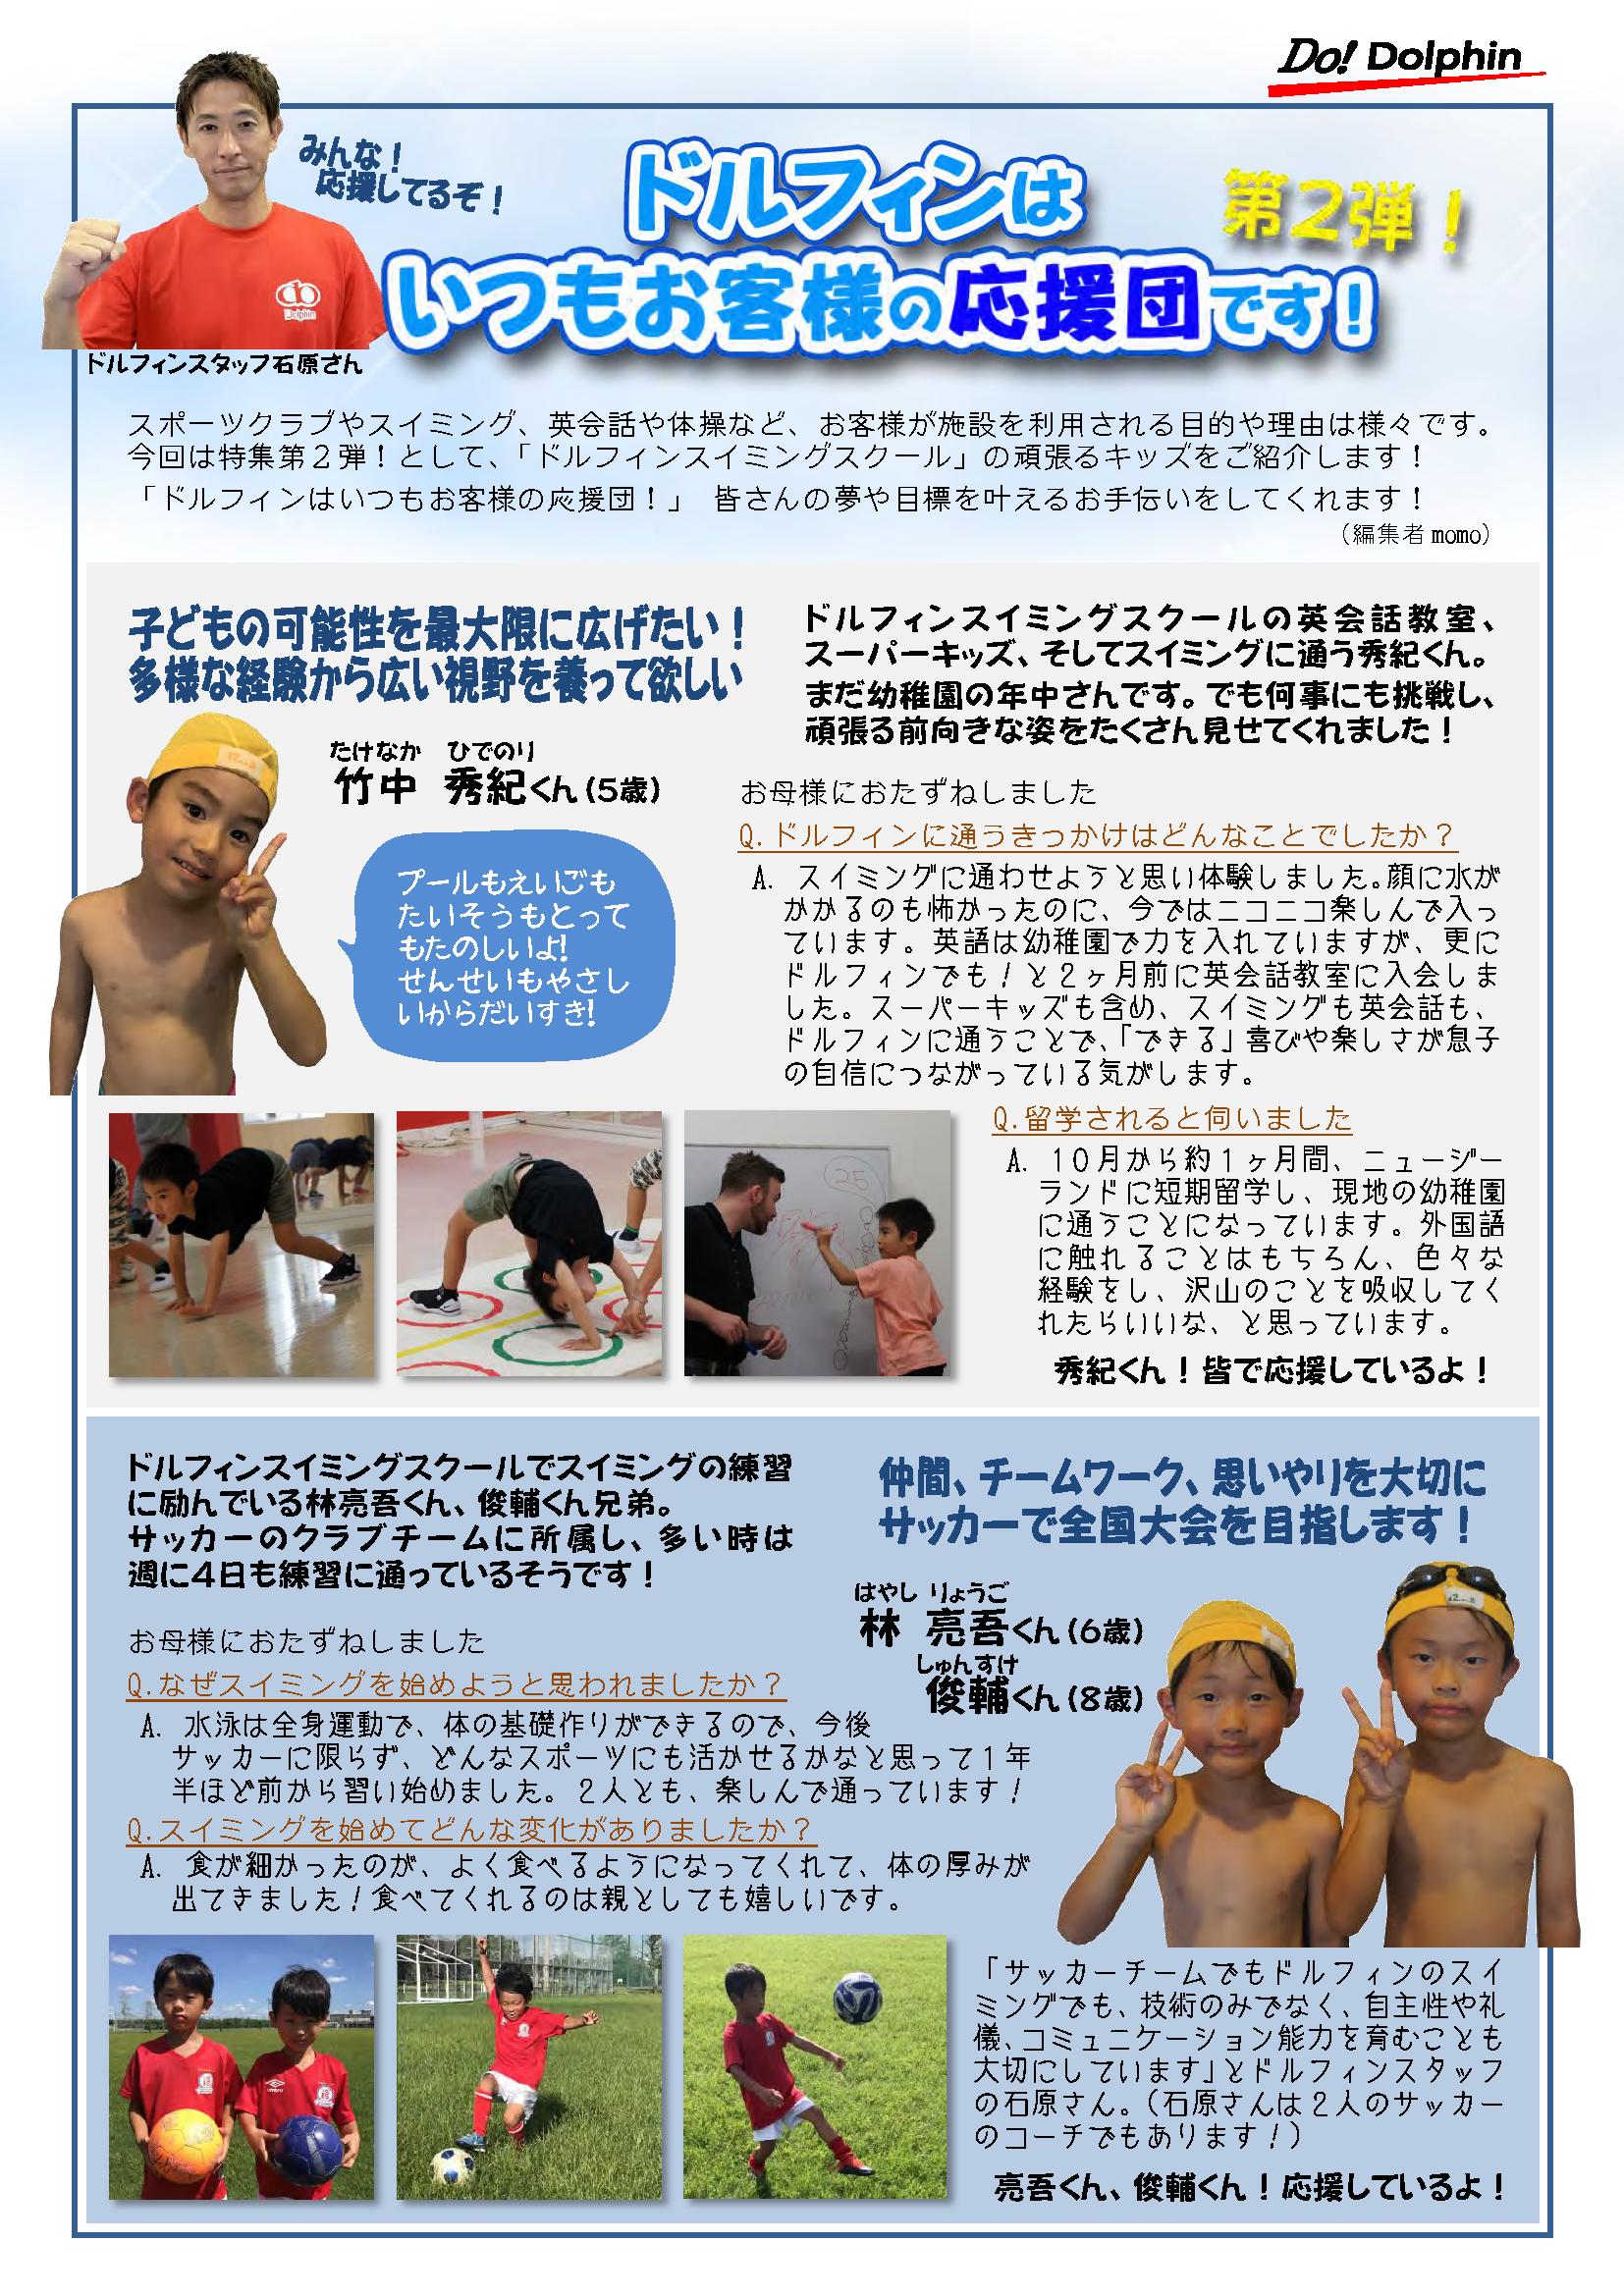 ドルフィン広報誌10月号再校_ページ_2